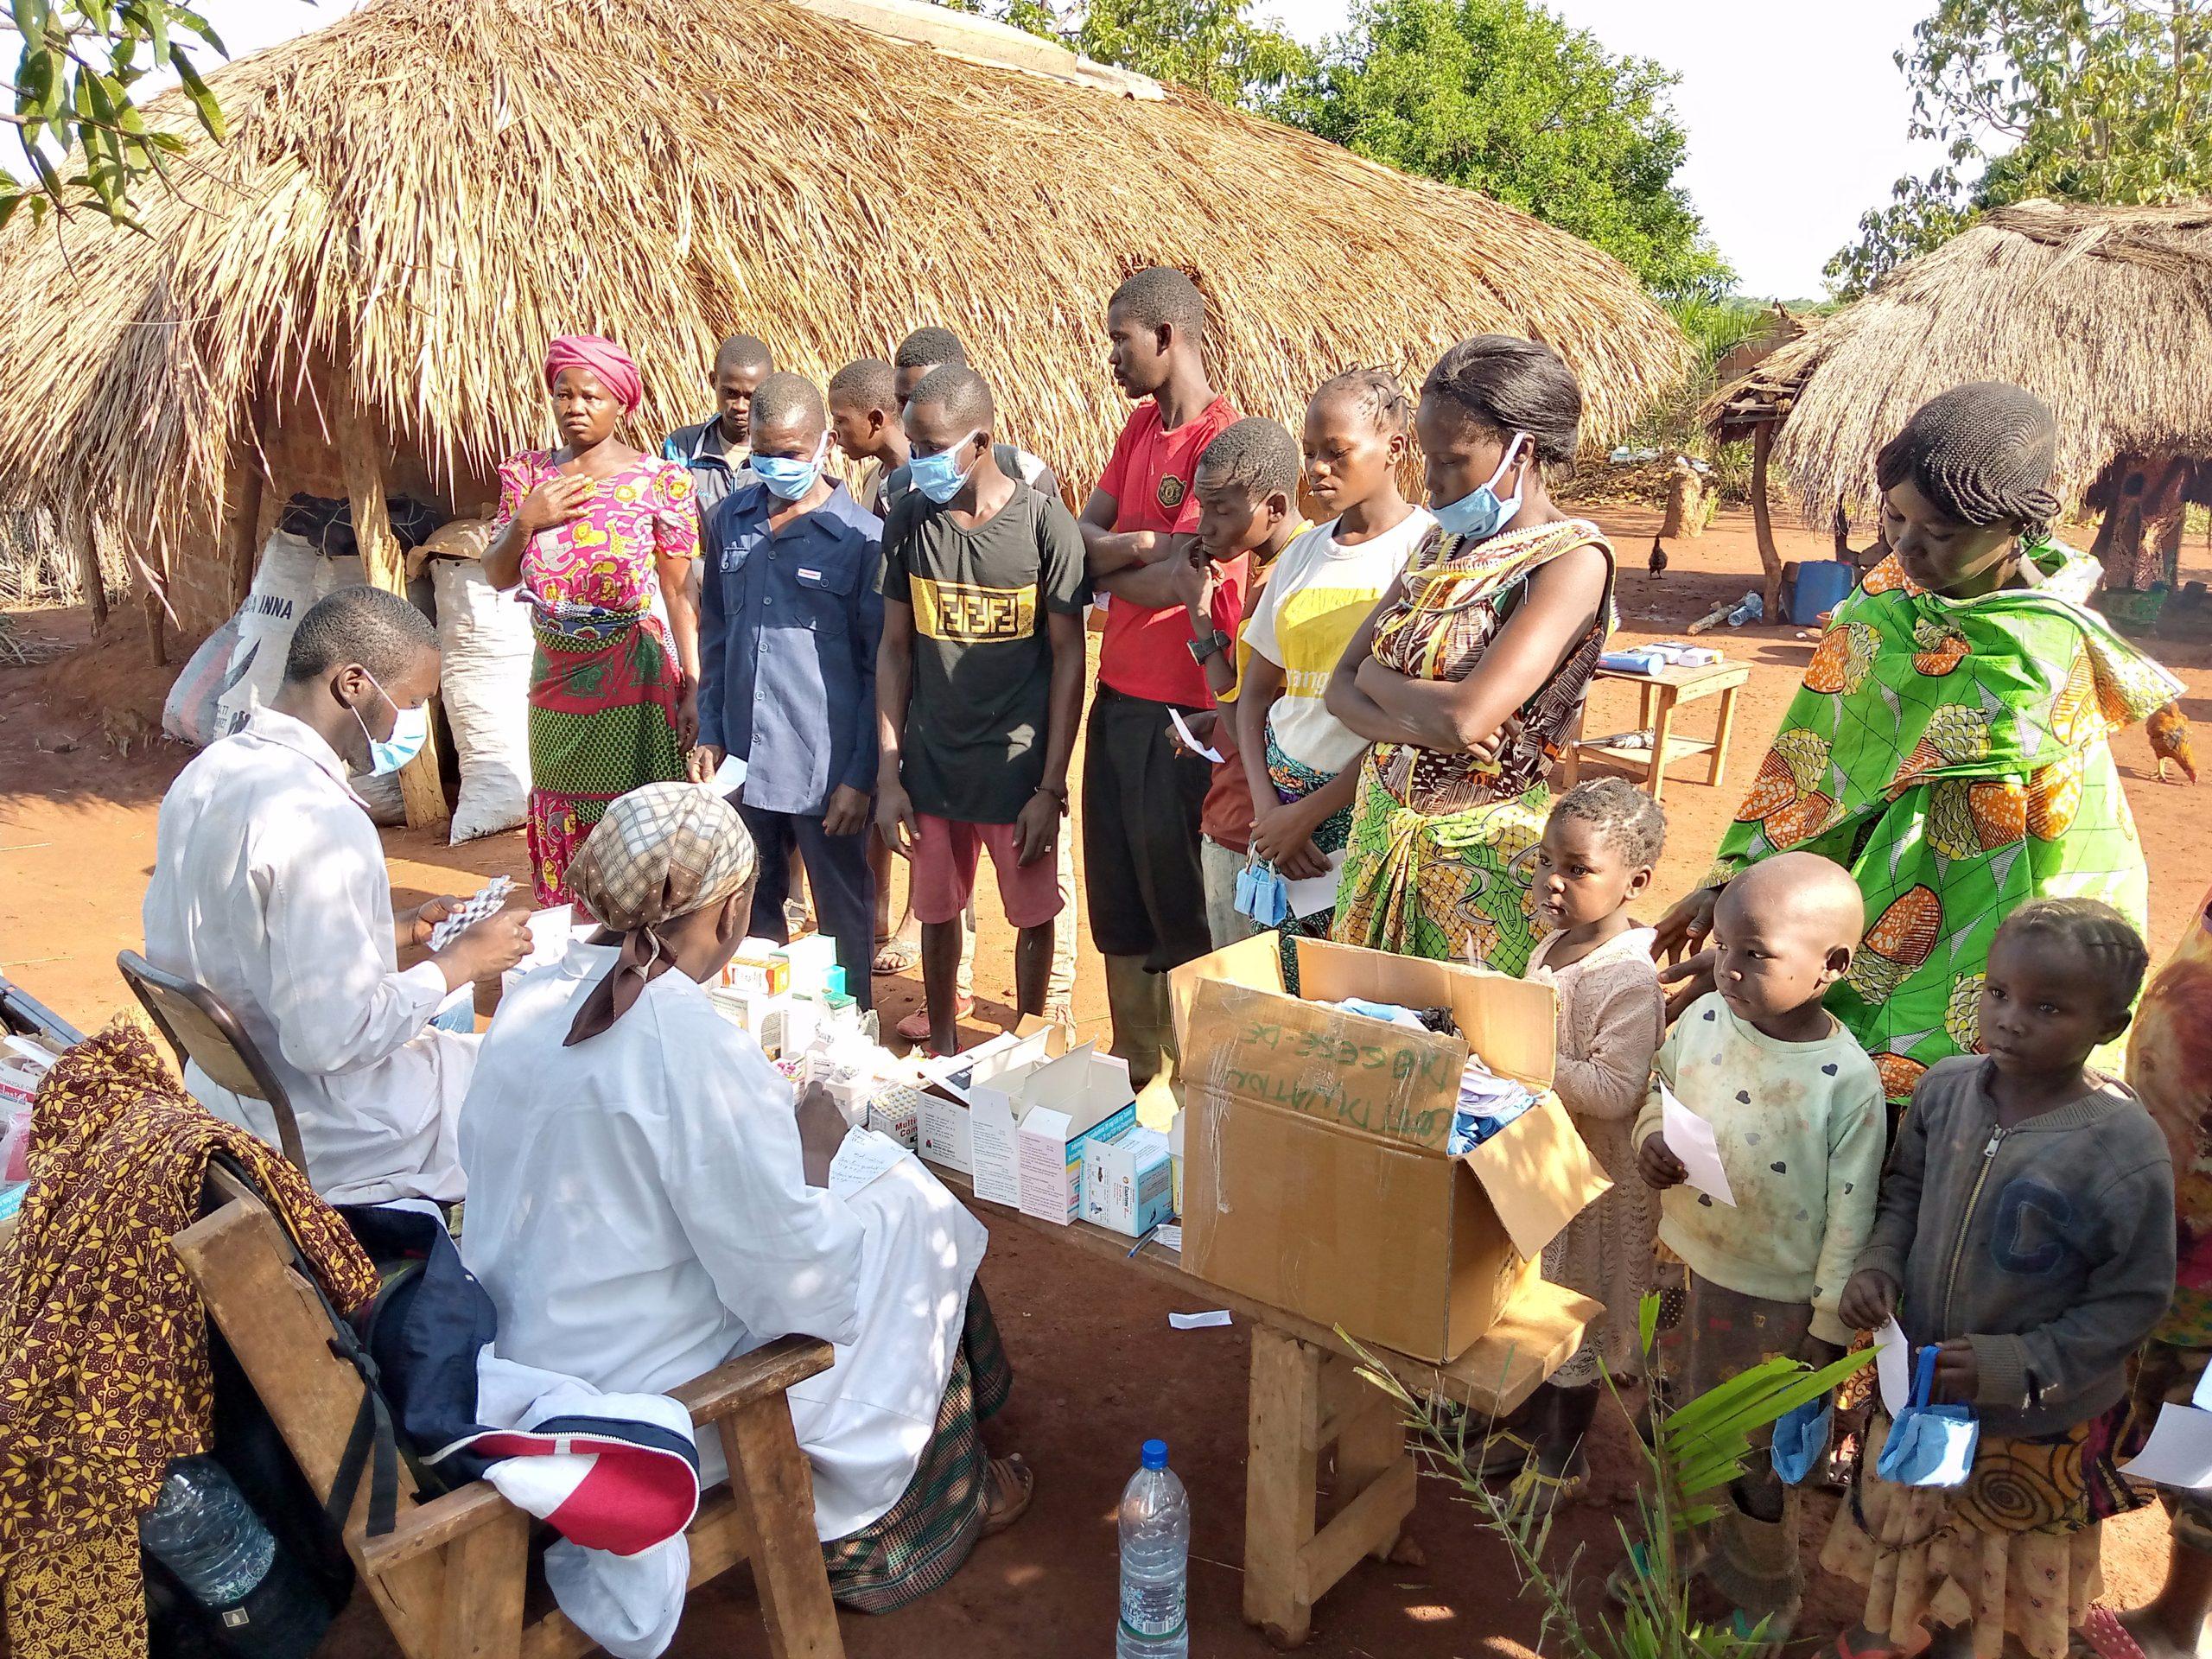 Centrafrique : L'Eglise Catholique apporte de l'aide médicale aux malades du village Kpata dans la commune de Bimbo 5